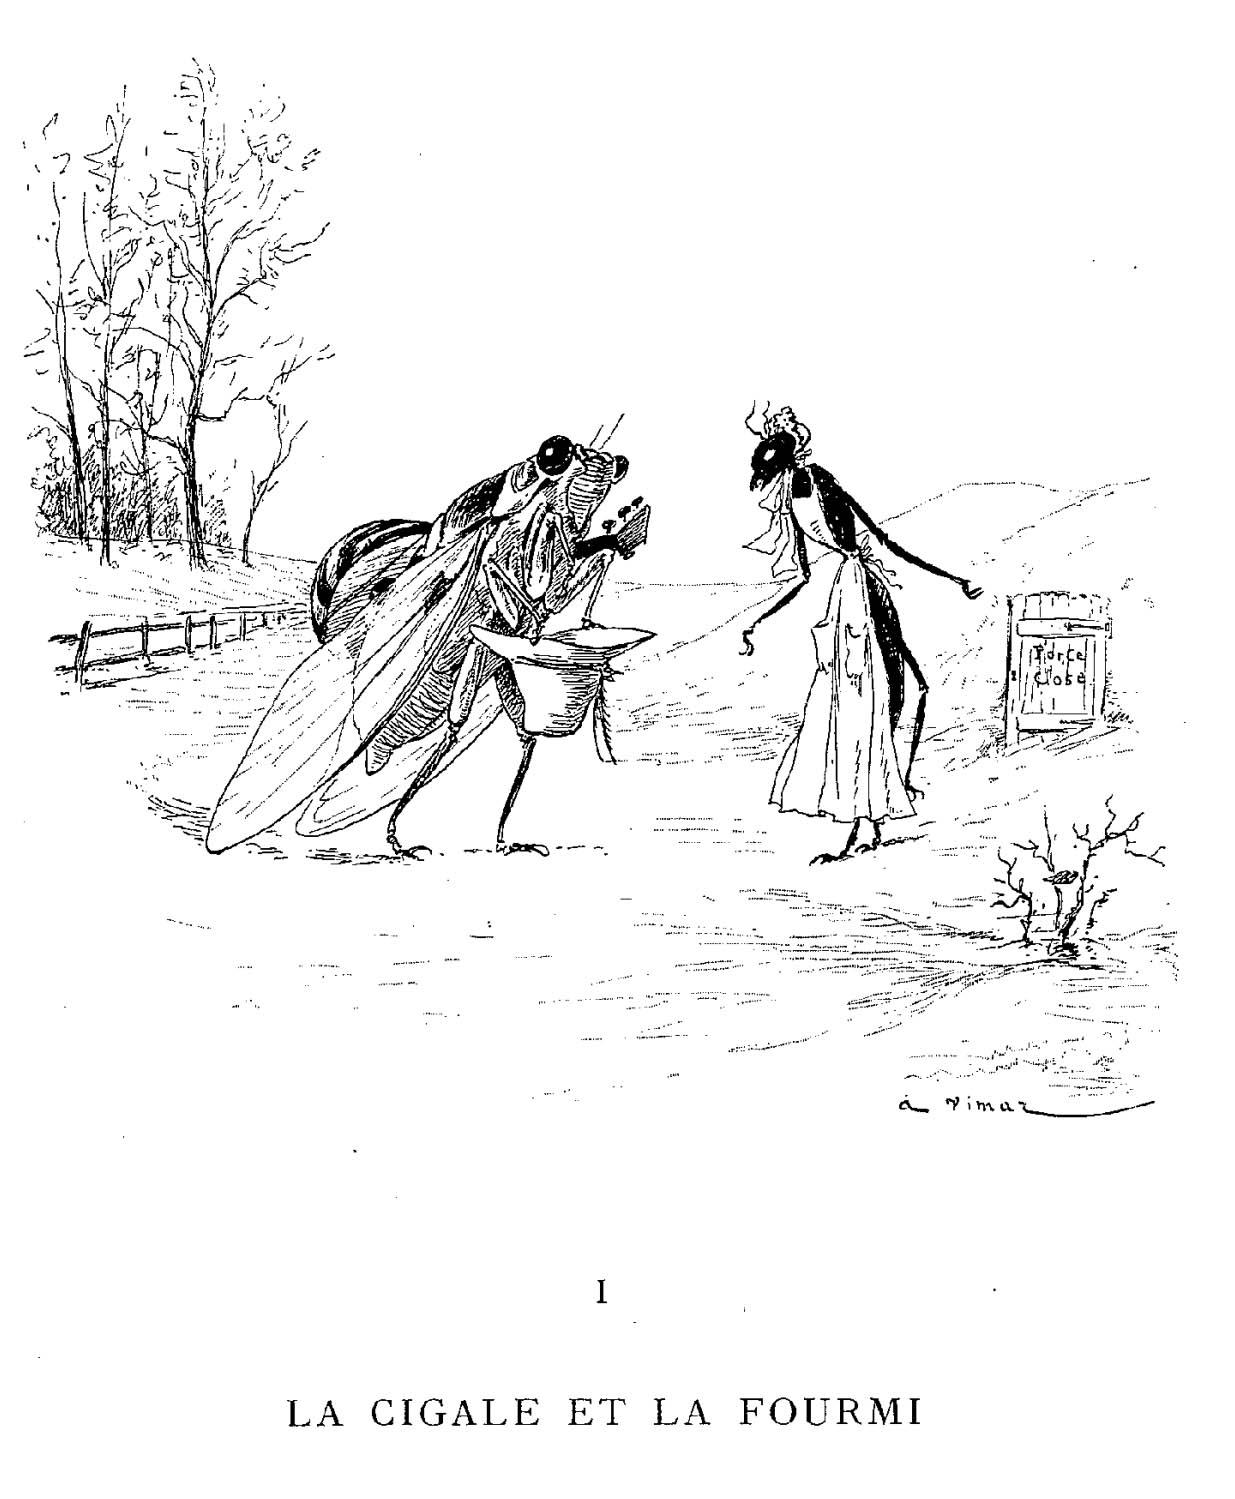 Dessin De La Cigale Et La Fourmi En Couleur